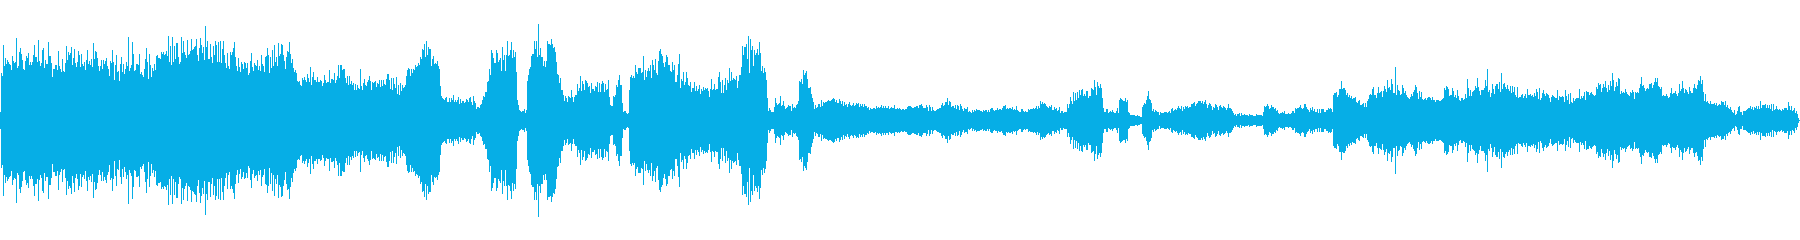 ブルドーザー:エンジン作業の再生済みの波形